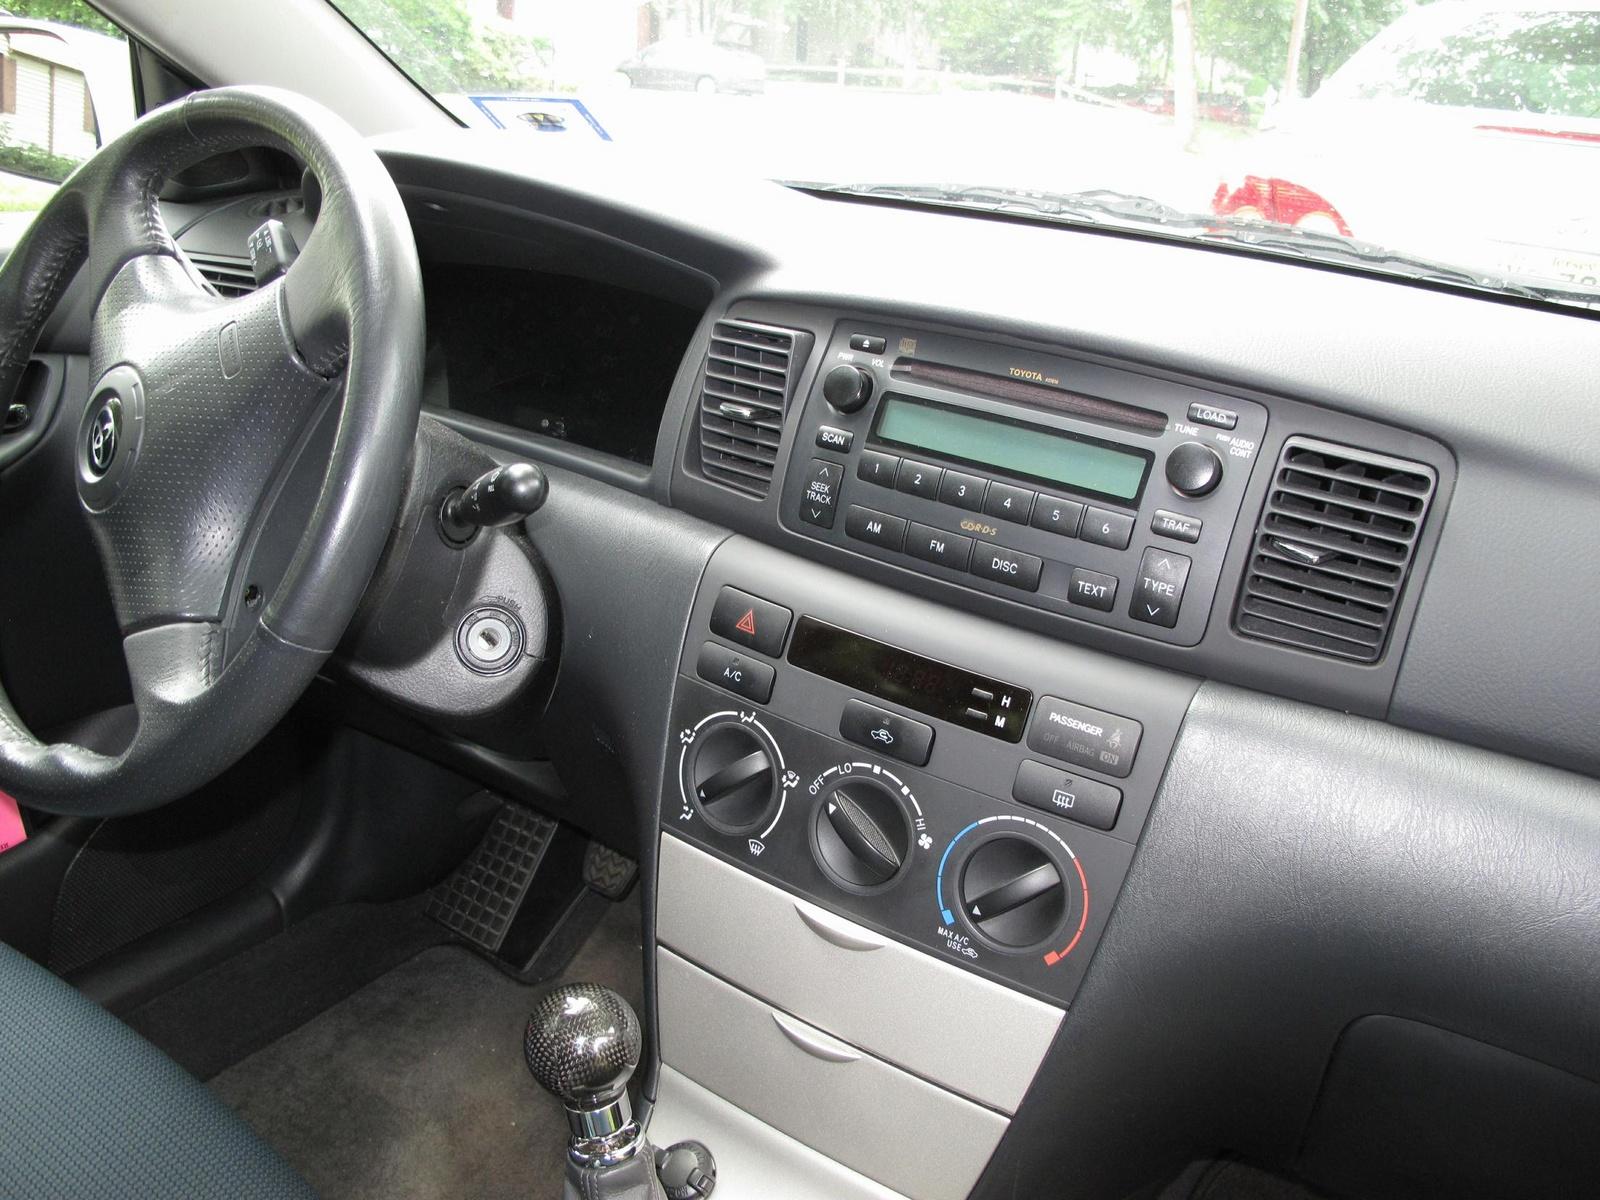 Corolla Interior Accessories Images